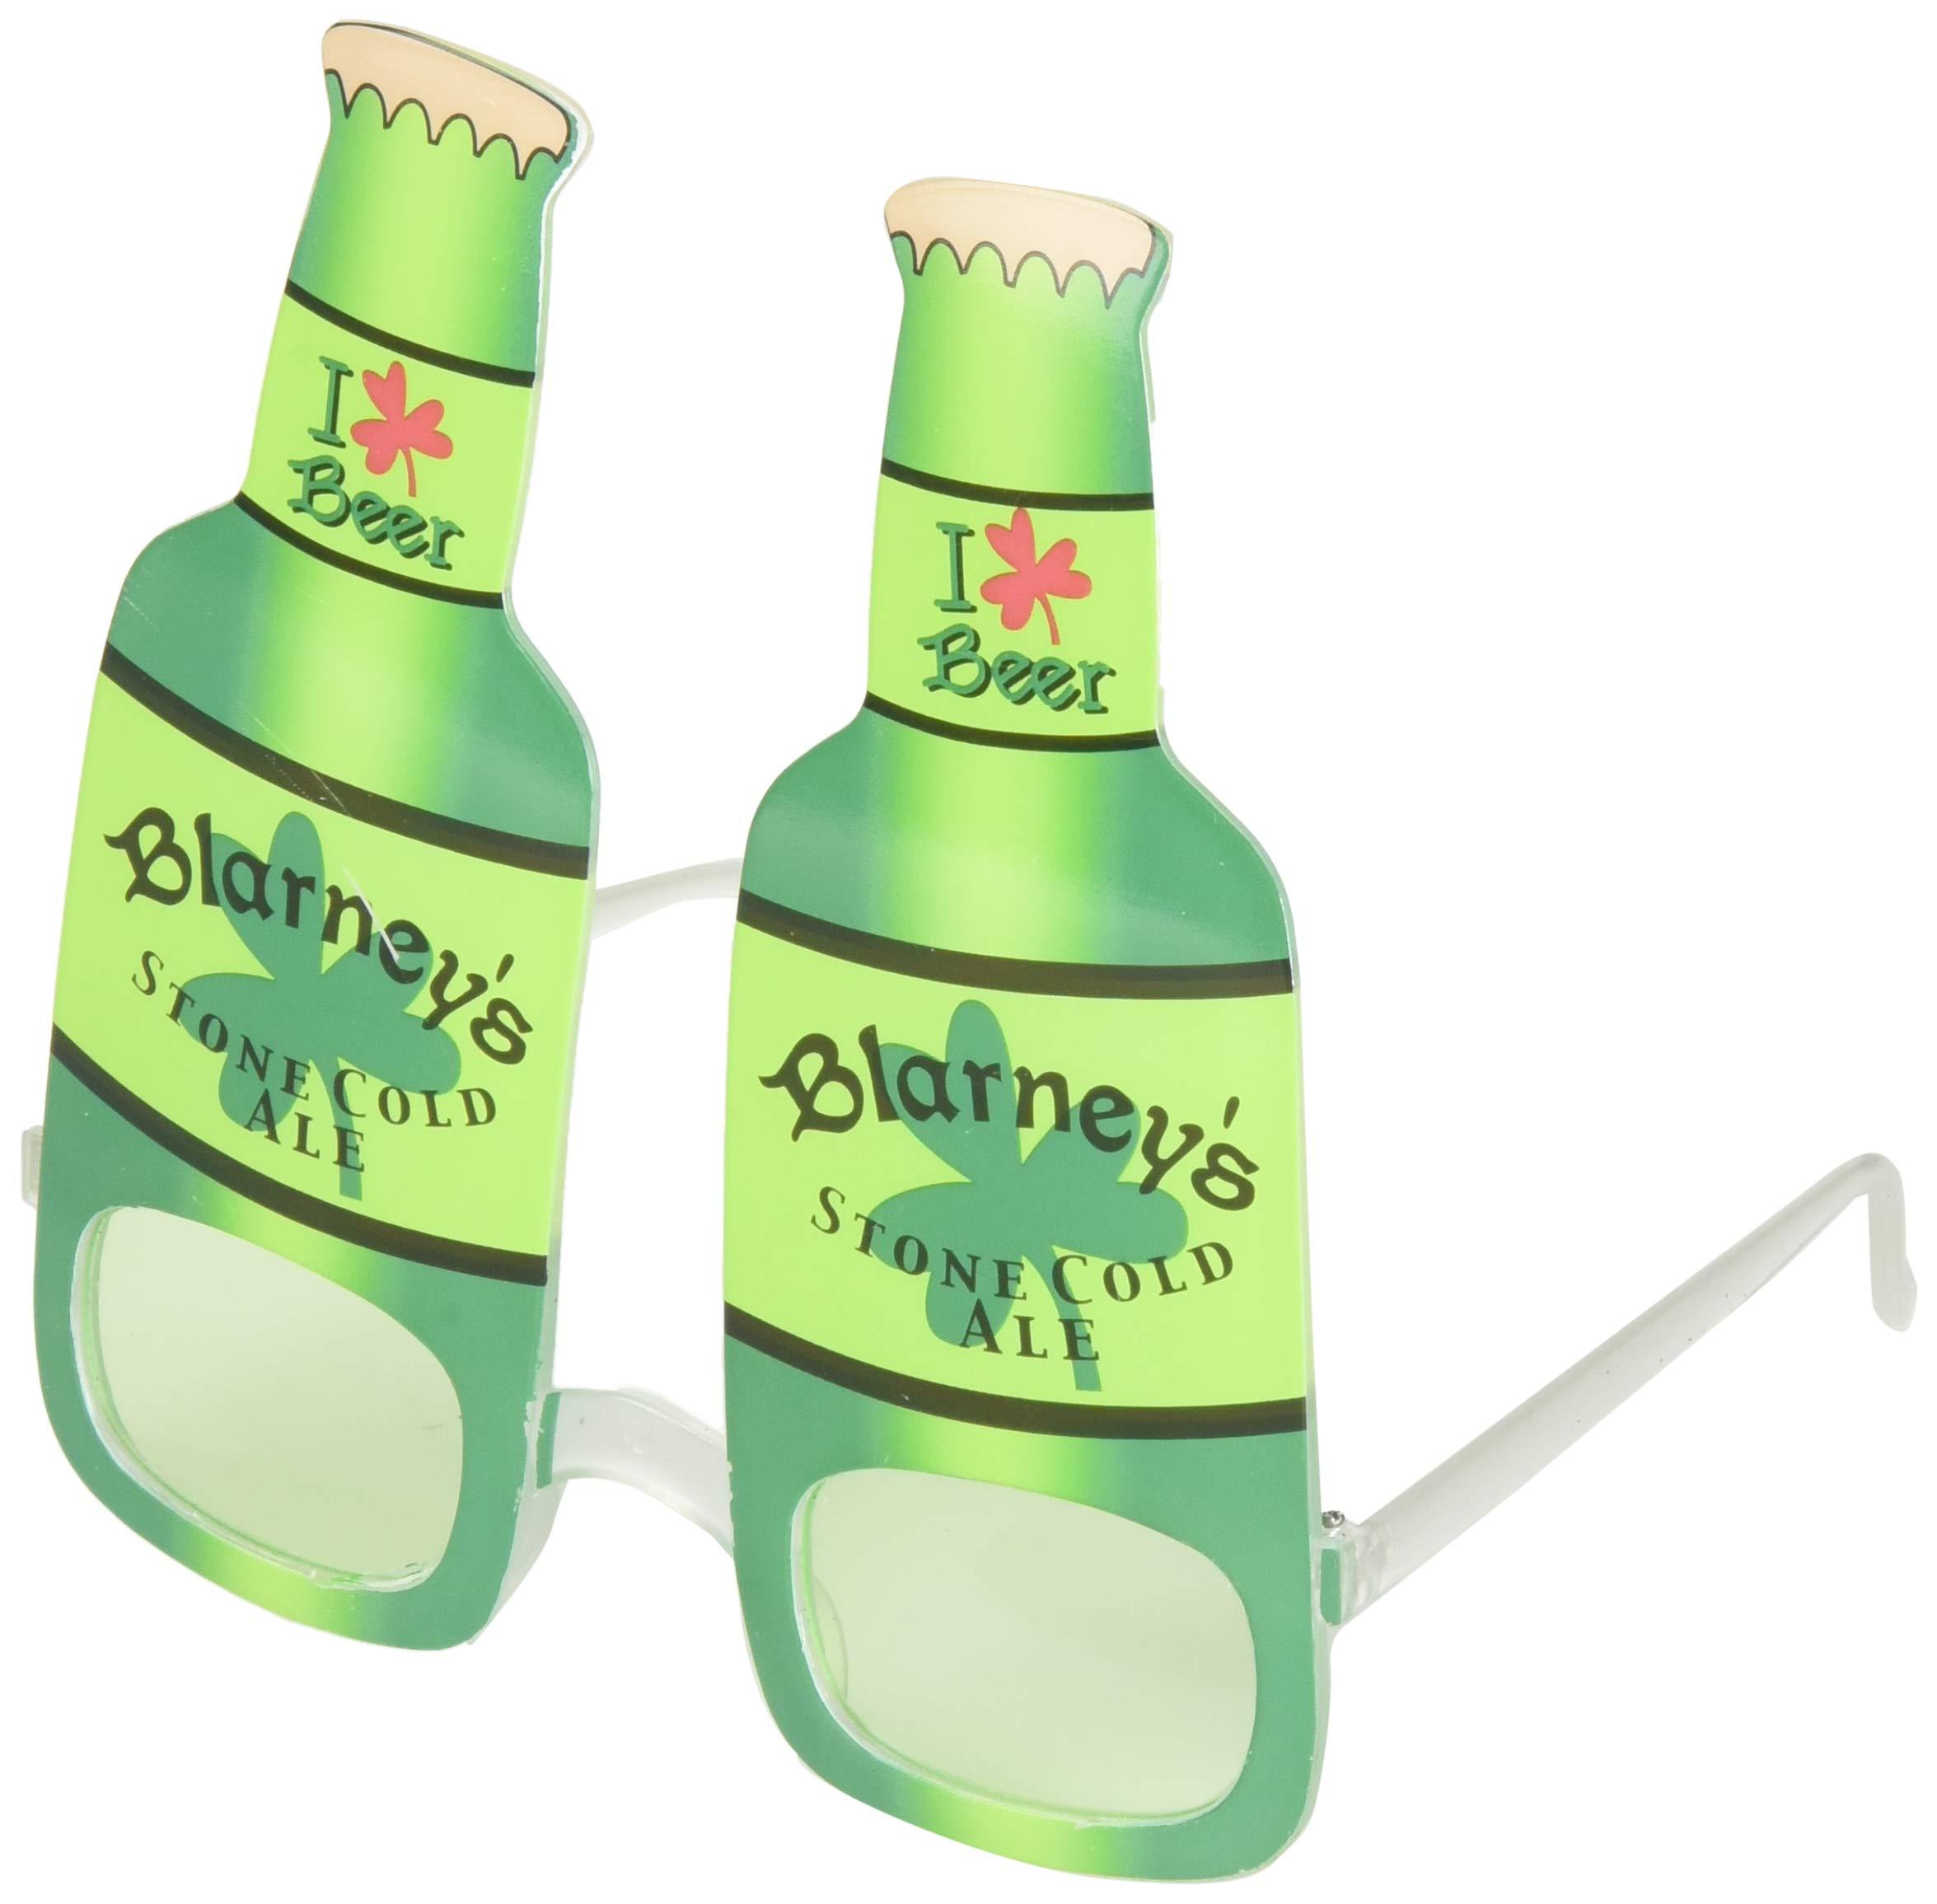 MAXSASI 2 件装圣帕特里克节派对用品啤*趣味眼镜*三叶草太阳镜爱尔兰圣帕特里克节节日派对服装配饰